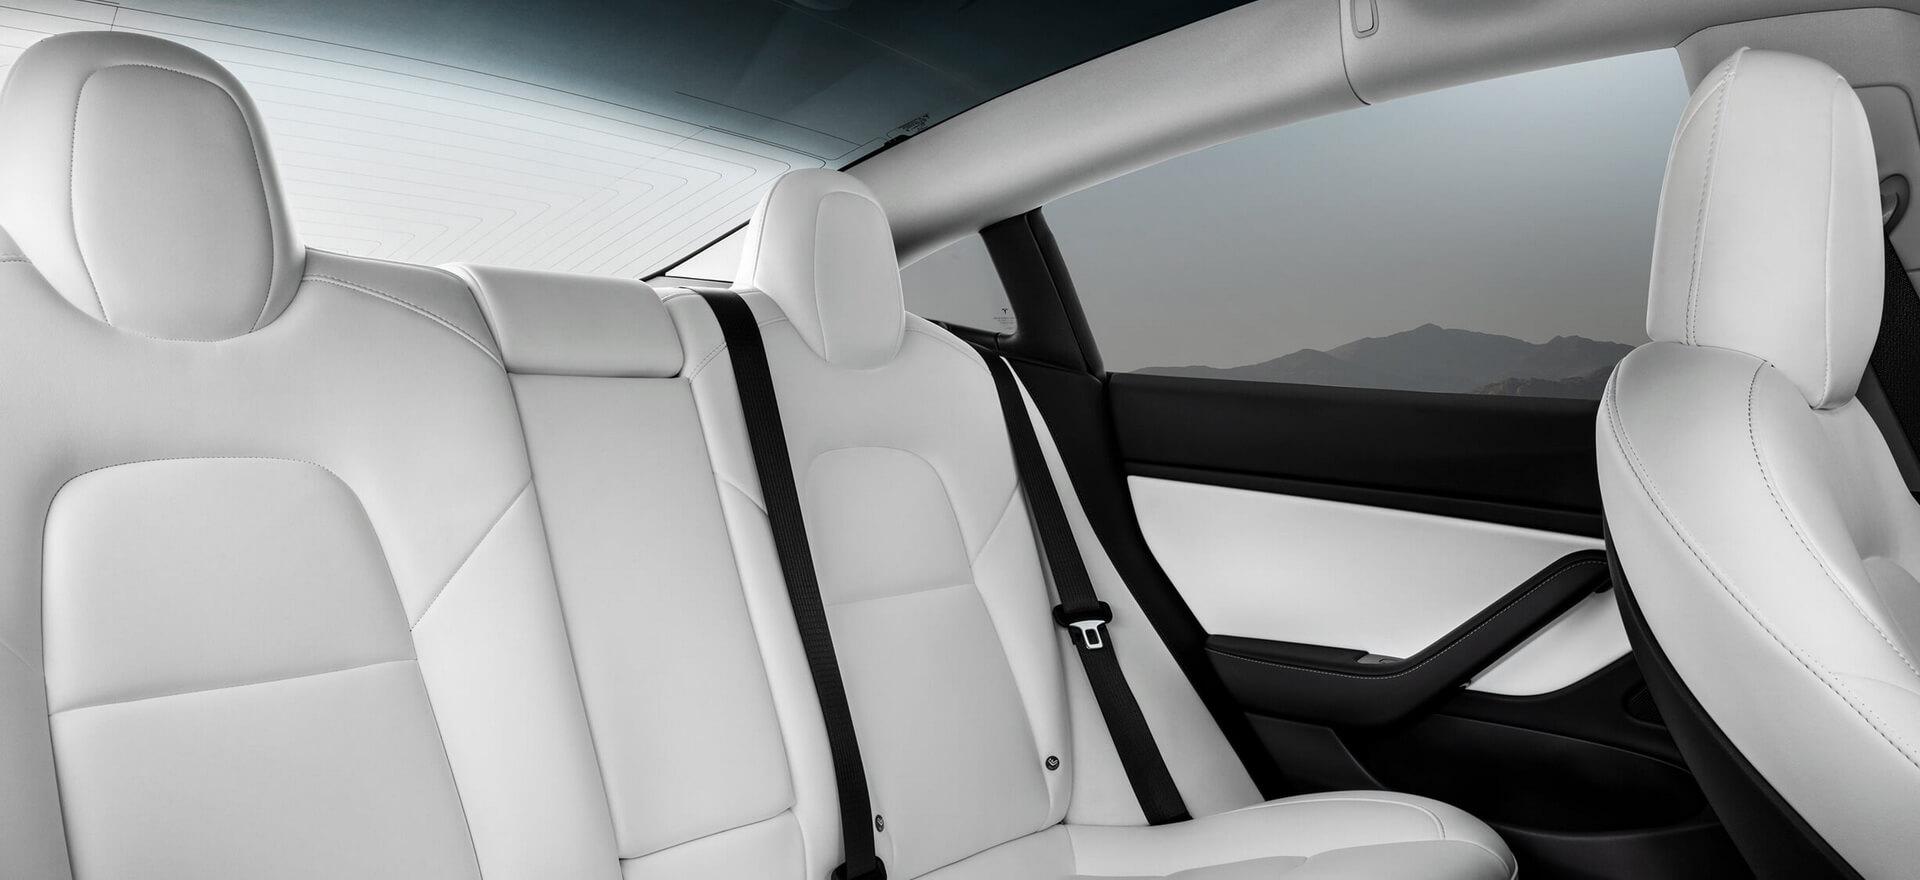 Задний ряд сидений Tesla Model3 Performance с белыми сидениями